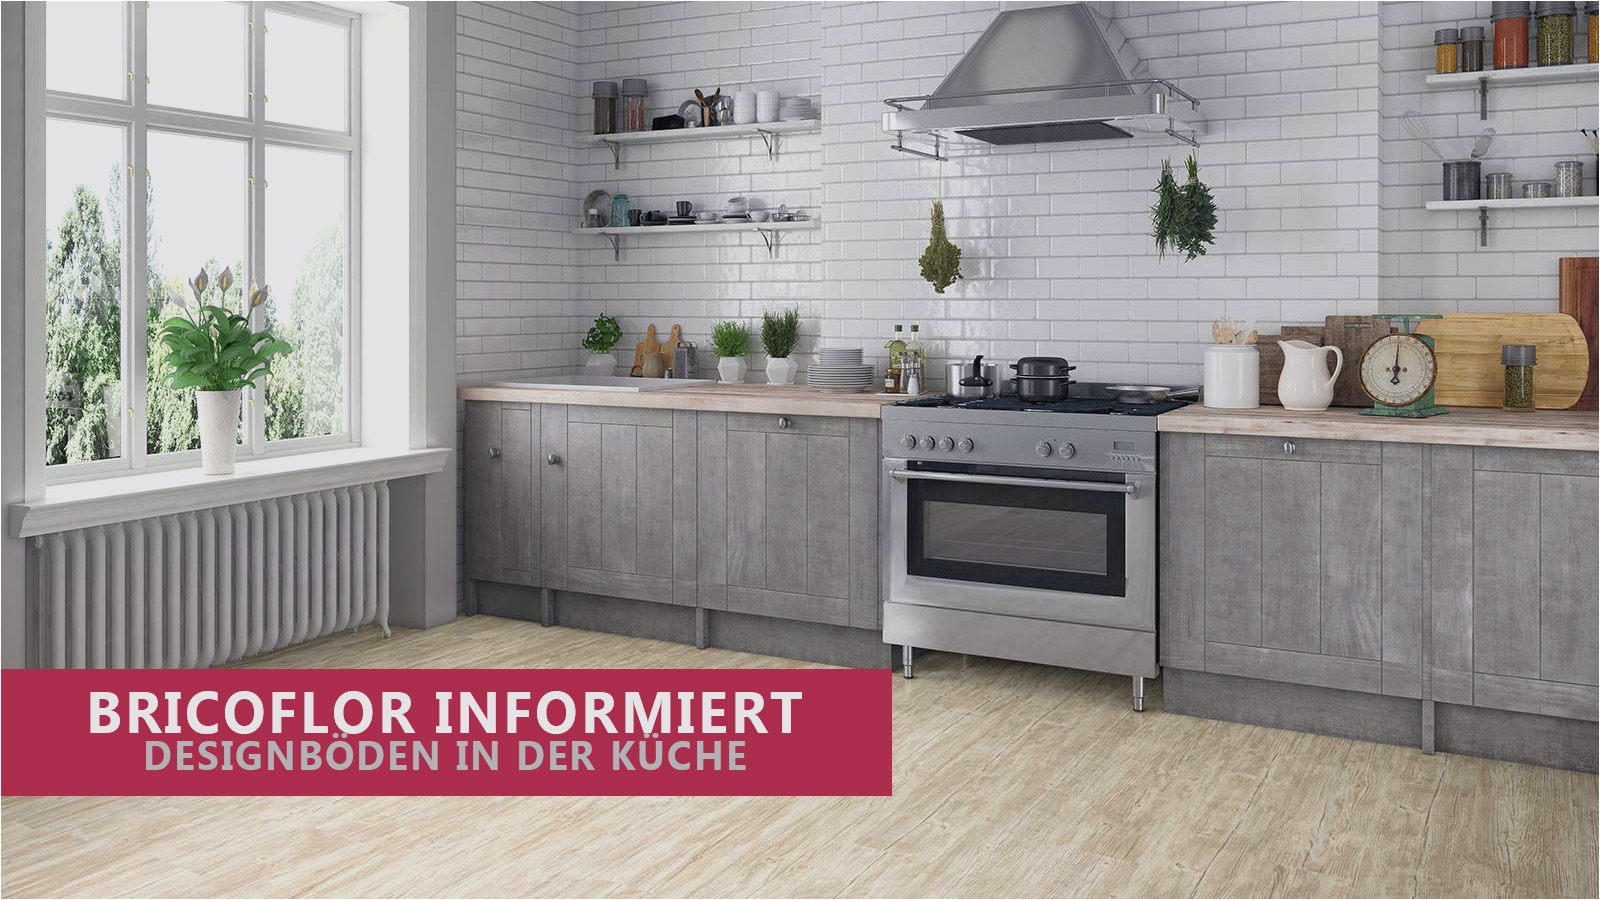 cuisine jazzy brico depot beau images cuisine mezzo brico depot avis best r sultat sup rieur. Black Bedroom Furniture Sets. Home Design Ideas